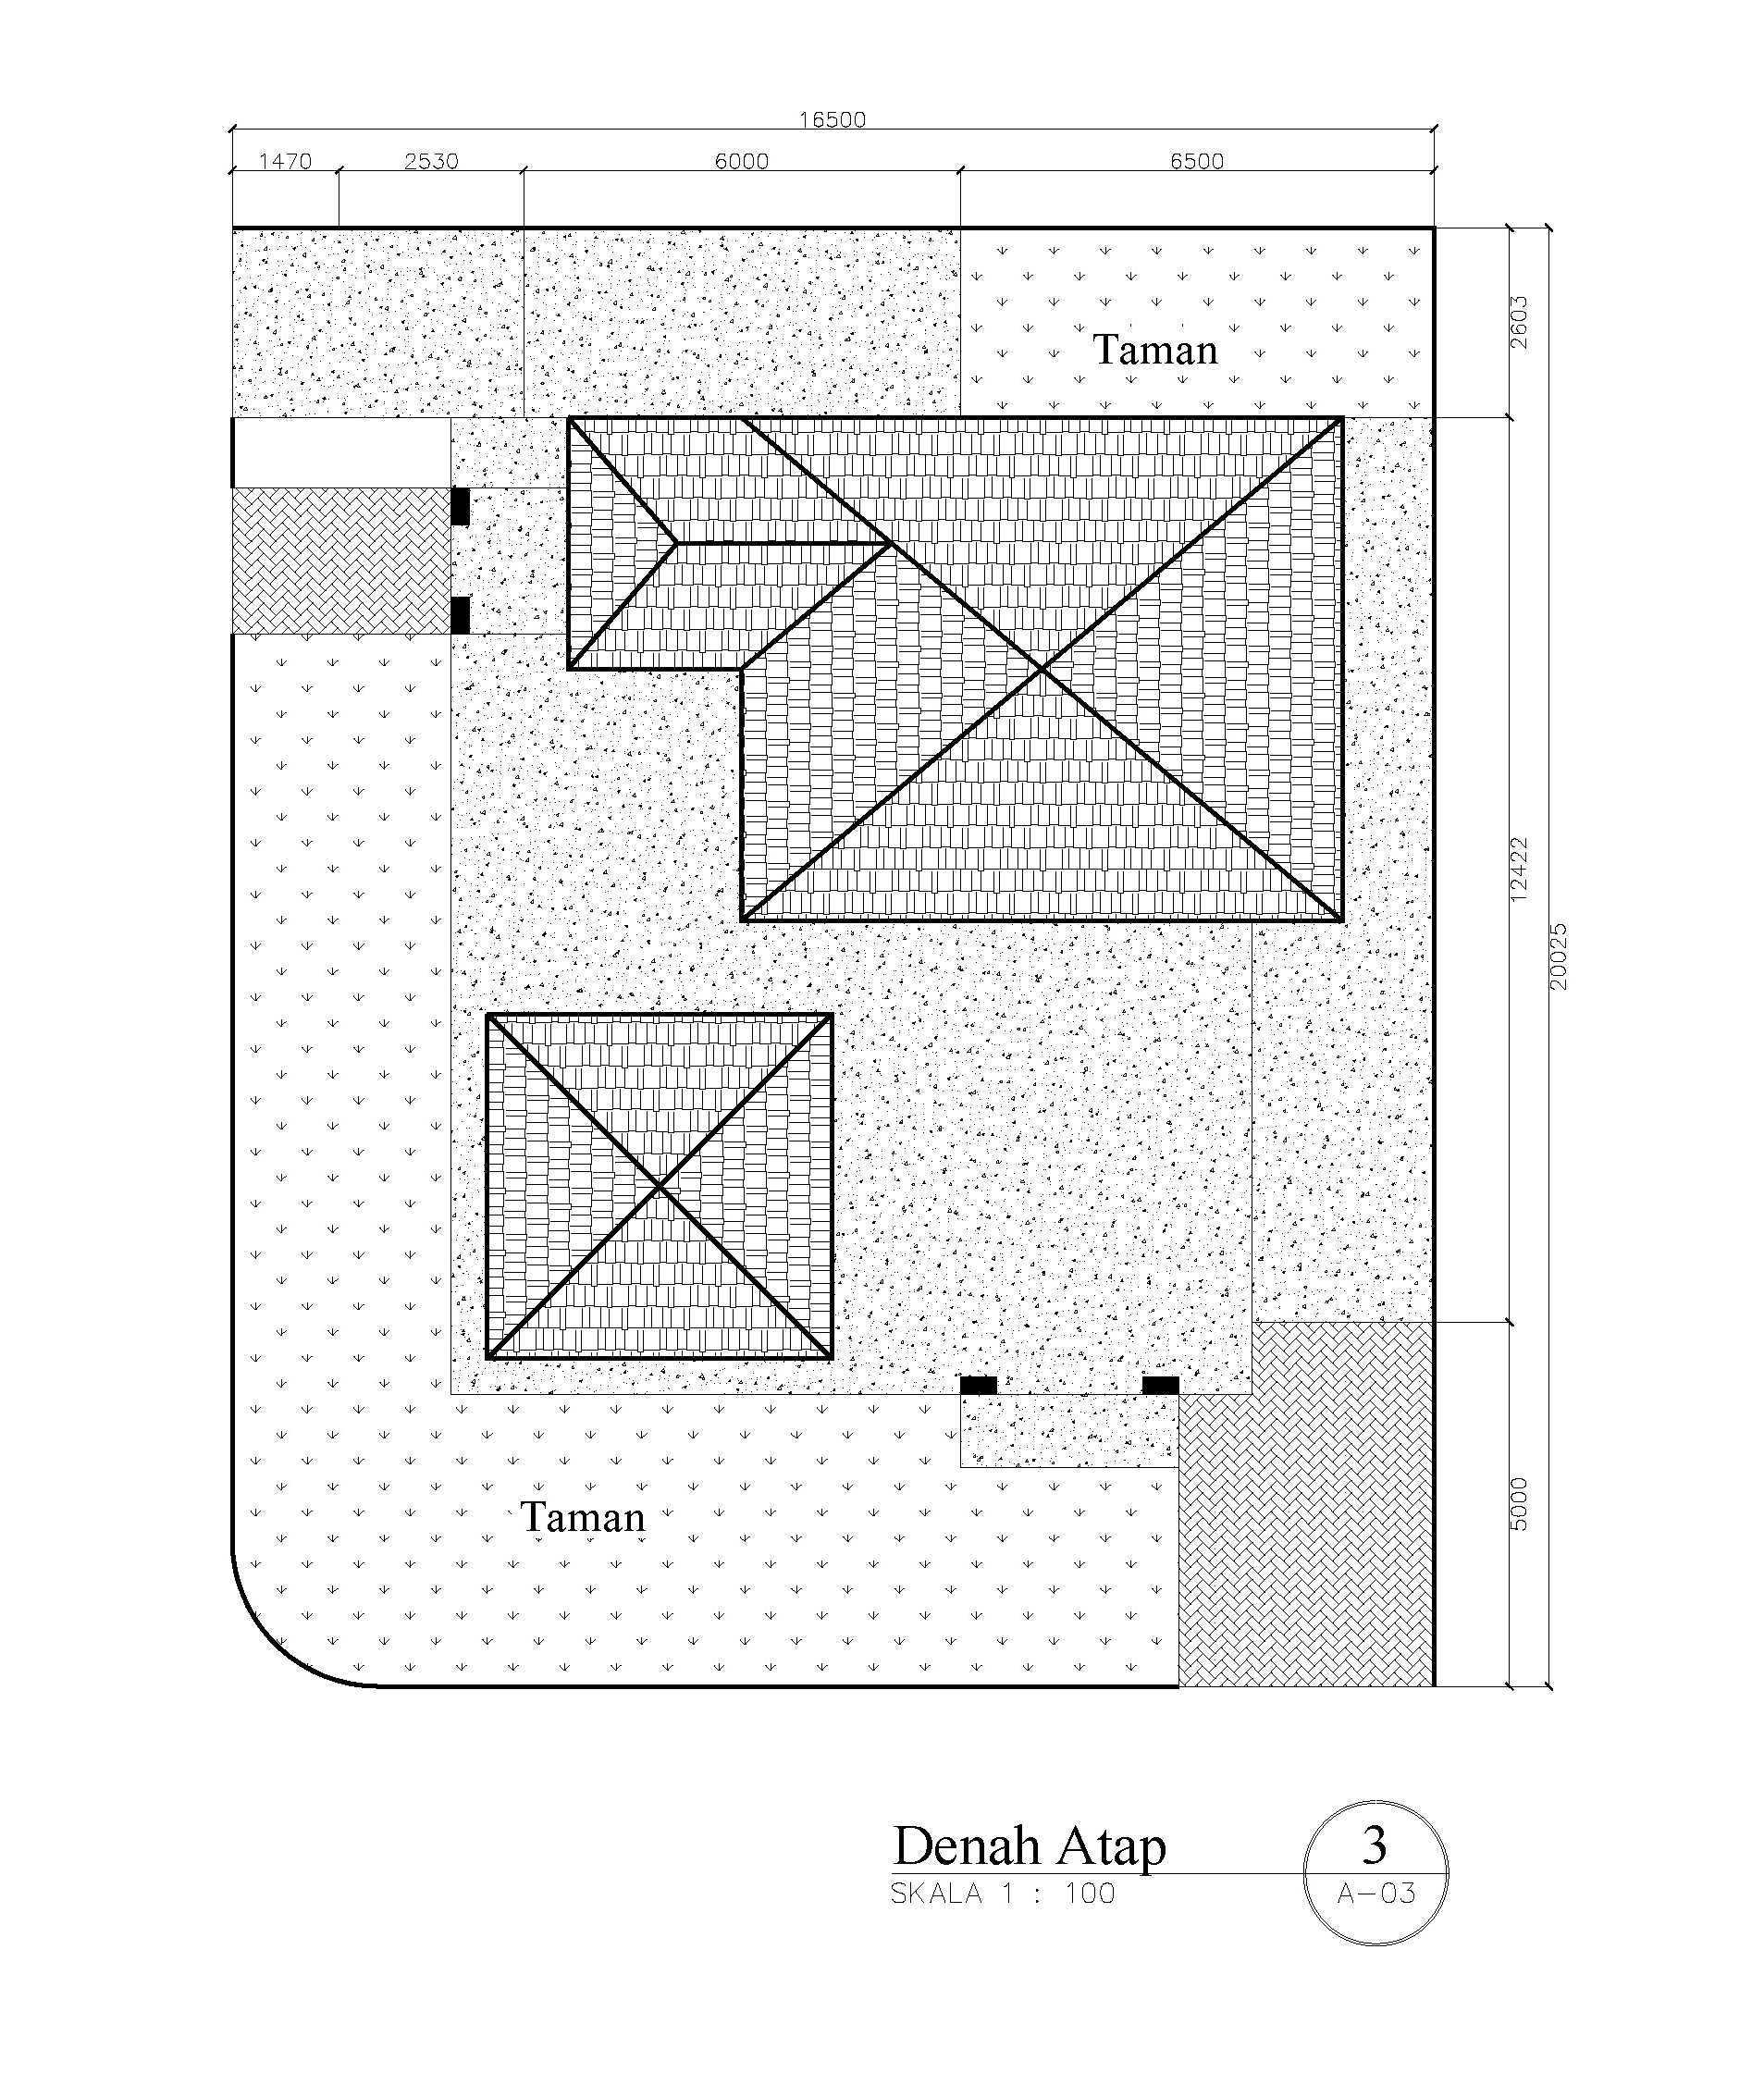 Rahman Efendi Private House 4 Bekasi, Tambelang, Bekasi, Jawa Barat, Indonesia Bekasi, Tambelang, Bekasi, Jawa Barat, Indonesia Denah-Atap1 Modern  33378